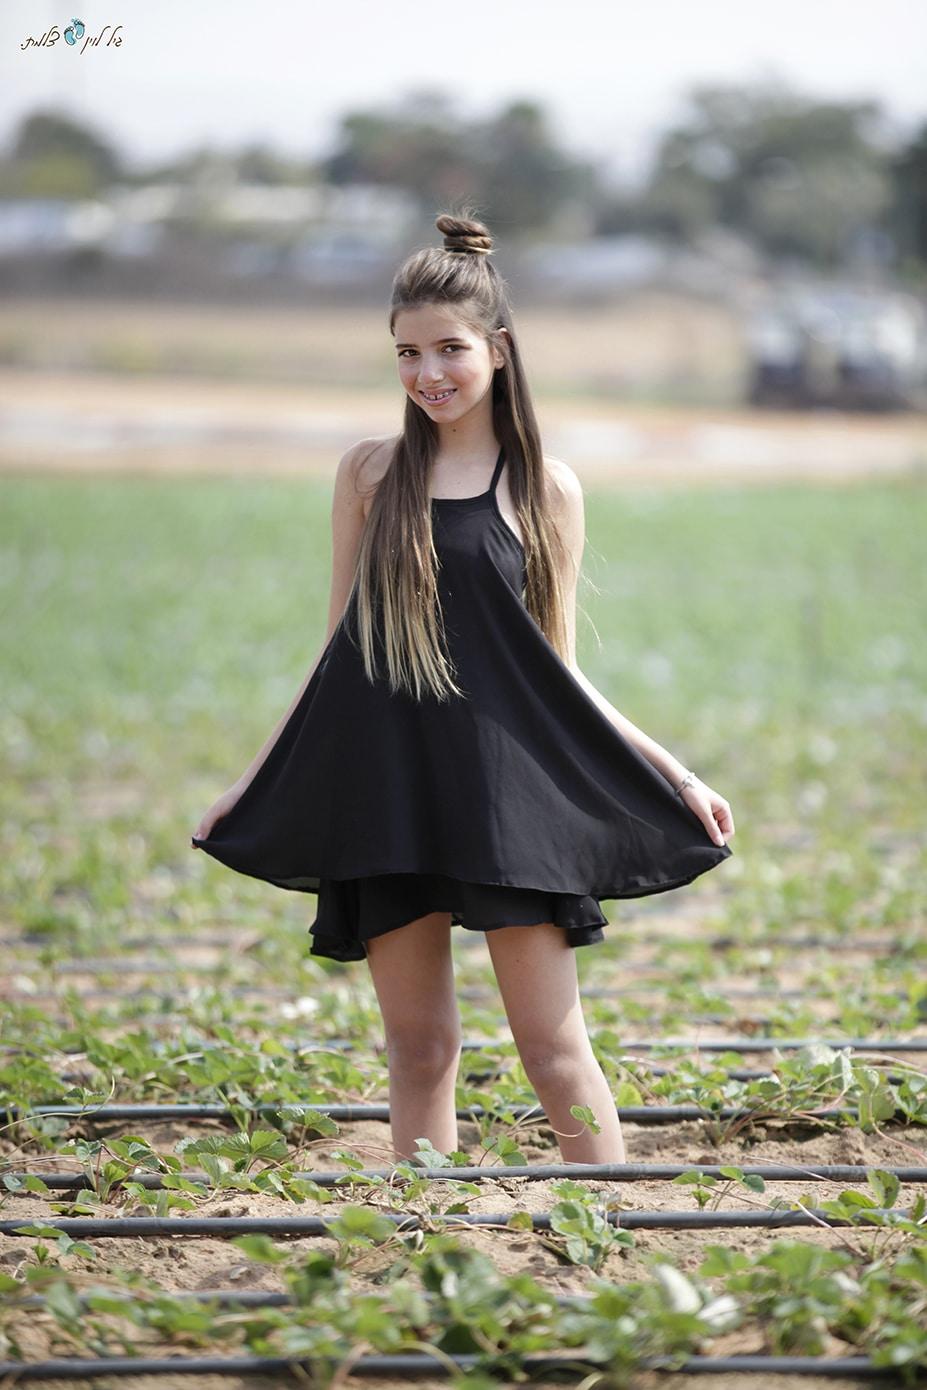 עידית וליאור קמפינסקי - בוק בת מצווה לליאור - סטודיו גיל לוין (15)